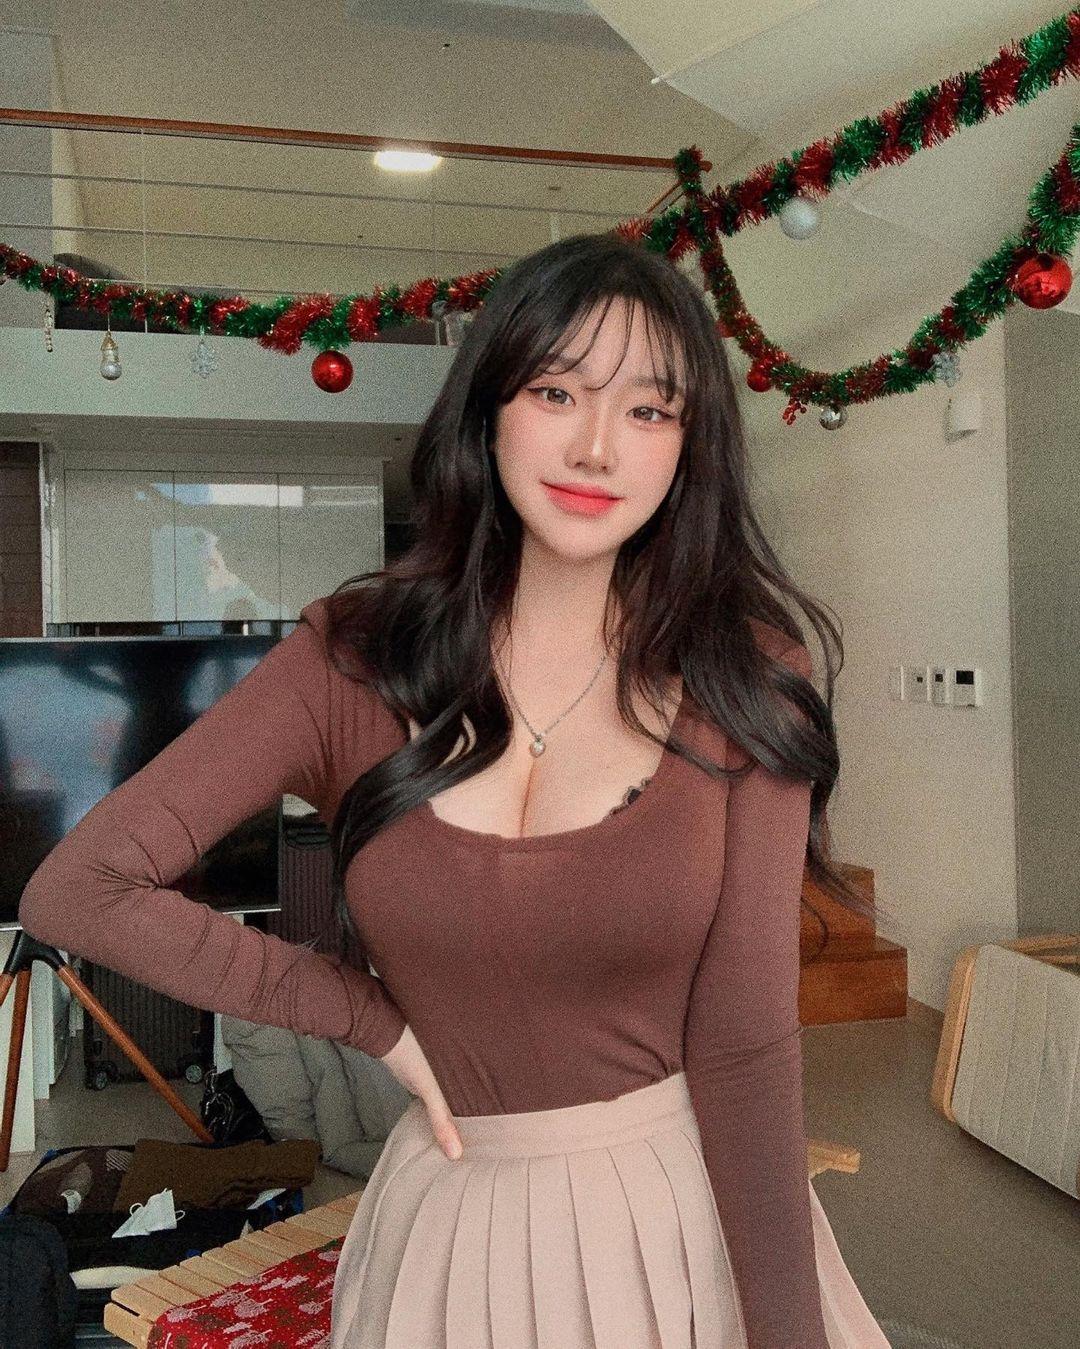 韩国美女sejinming雪白的肌肤配上乌黑的波浪秀发 养眼图片 第3张